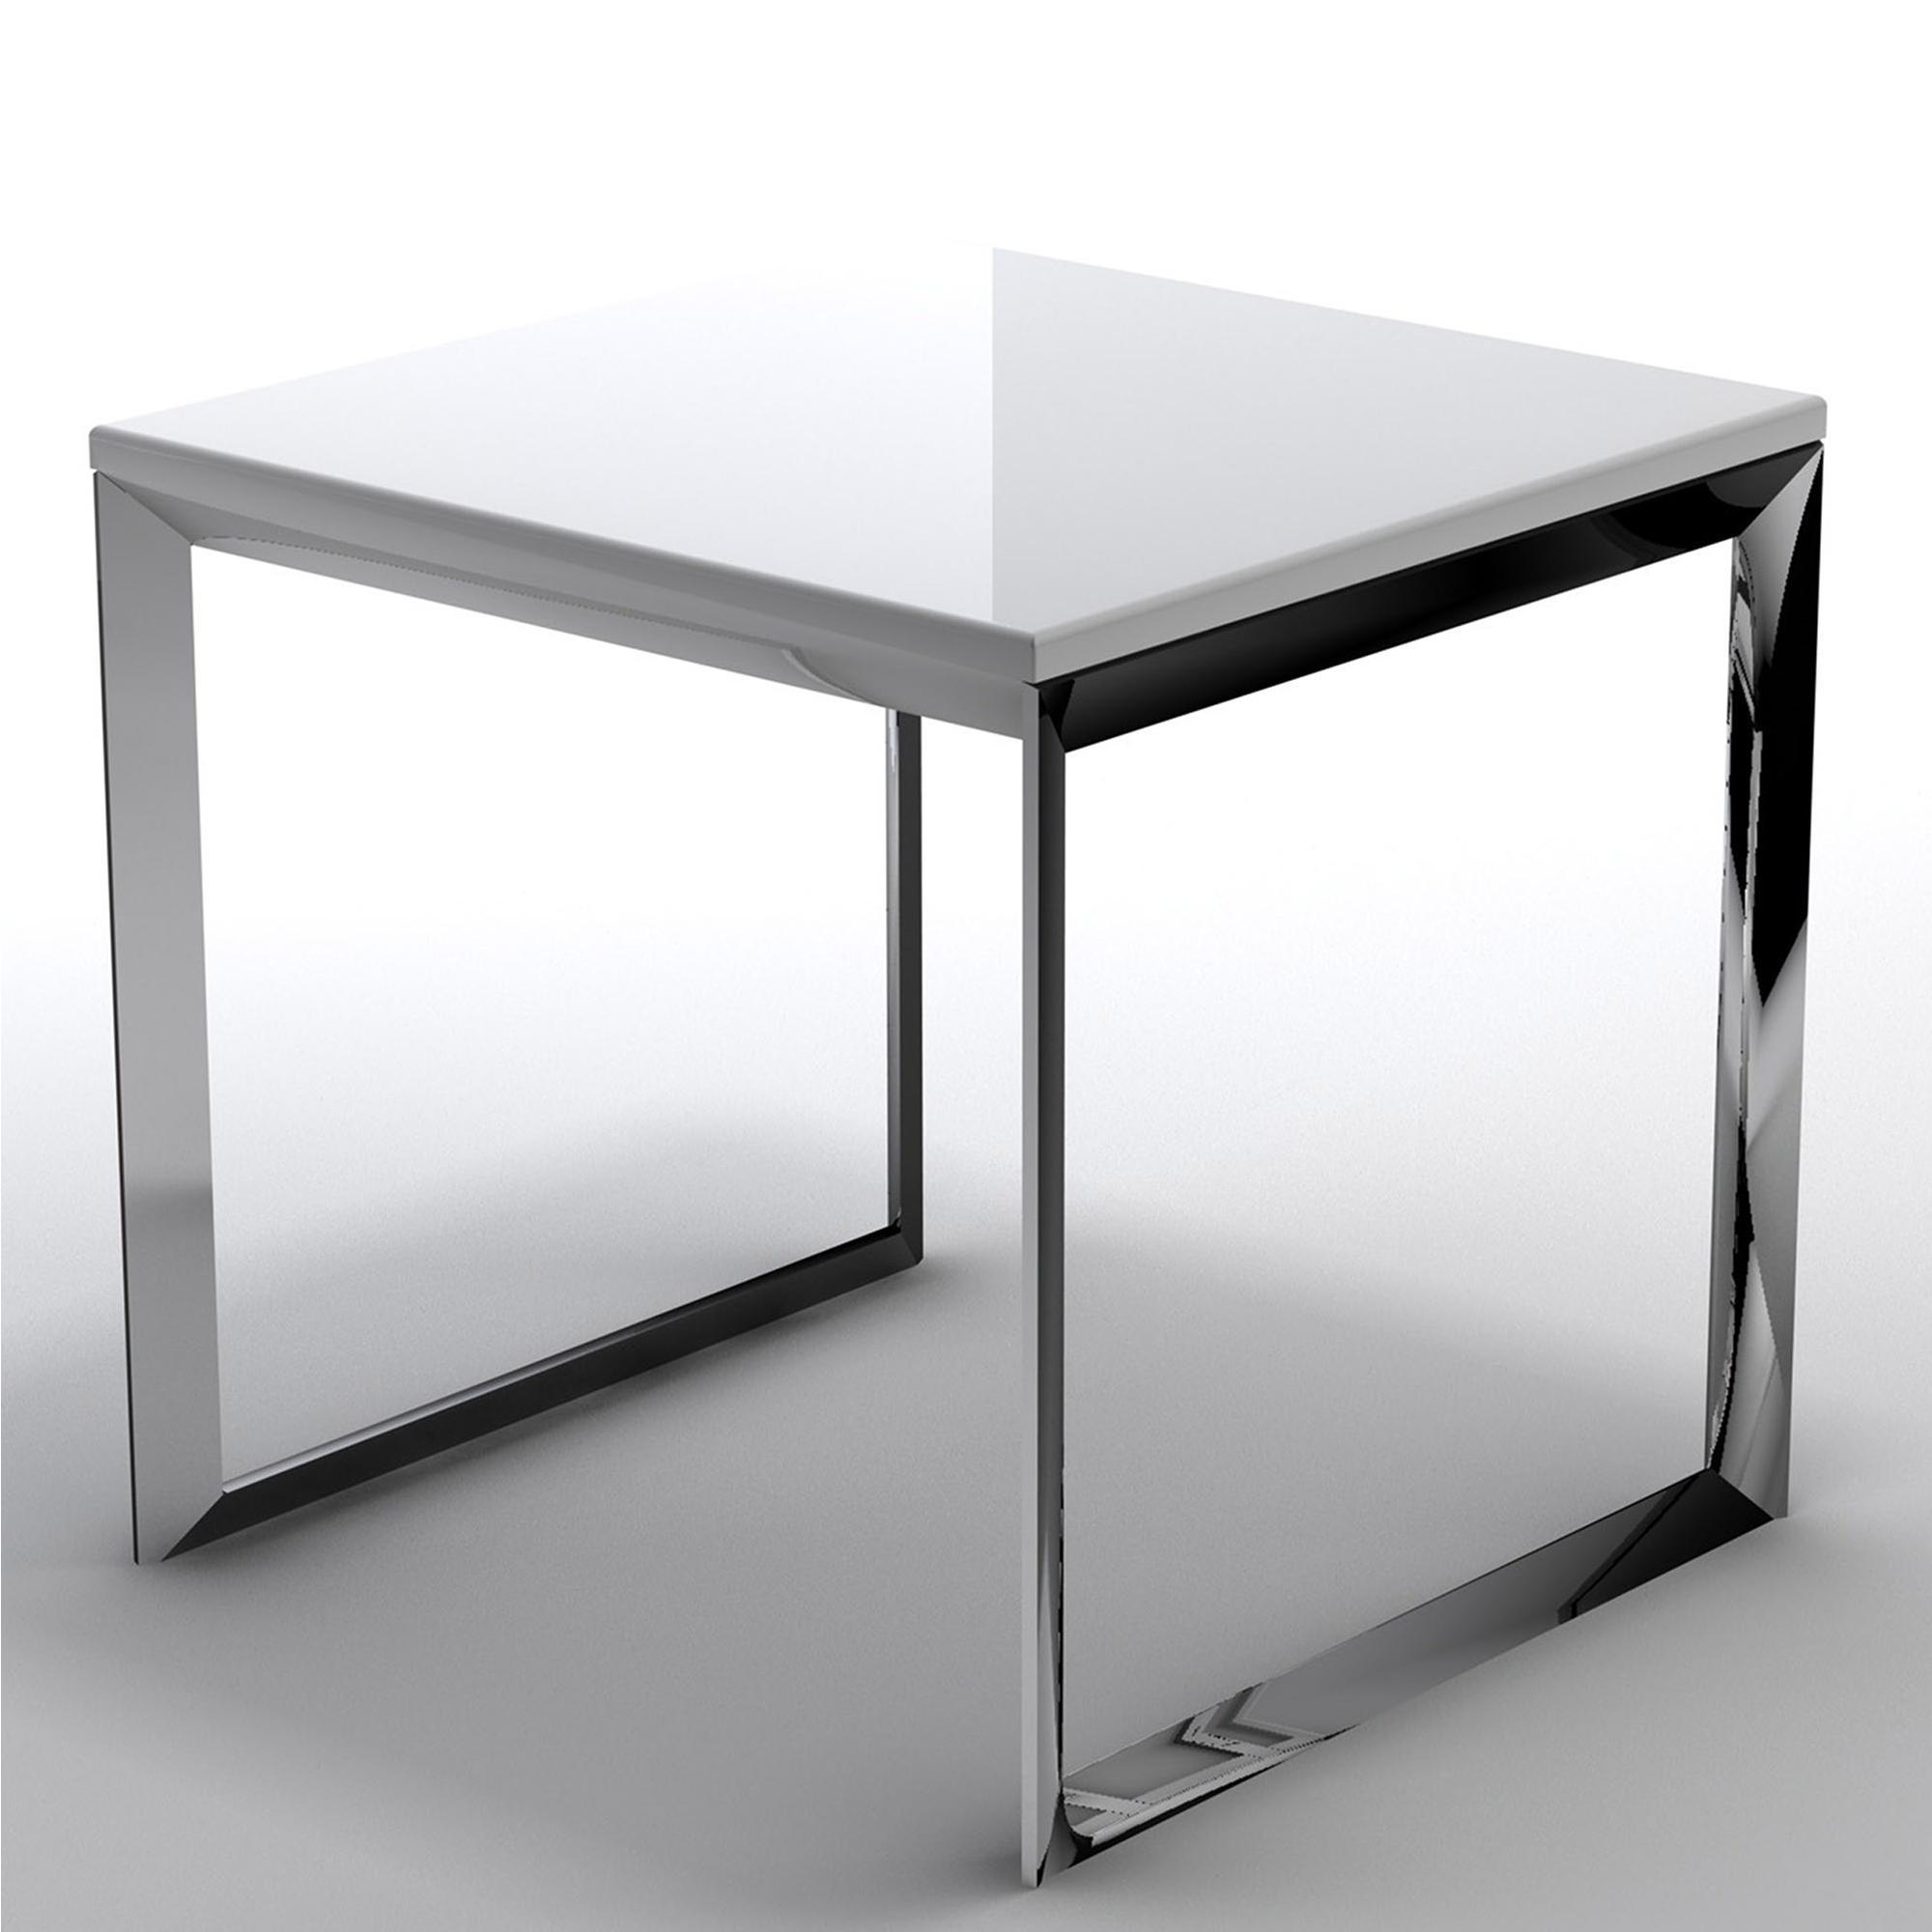 Tavolino basso da salotto con piano in MDF 50x50xh50 cm bianco  IBB Spa  Stilcasa.Net ...